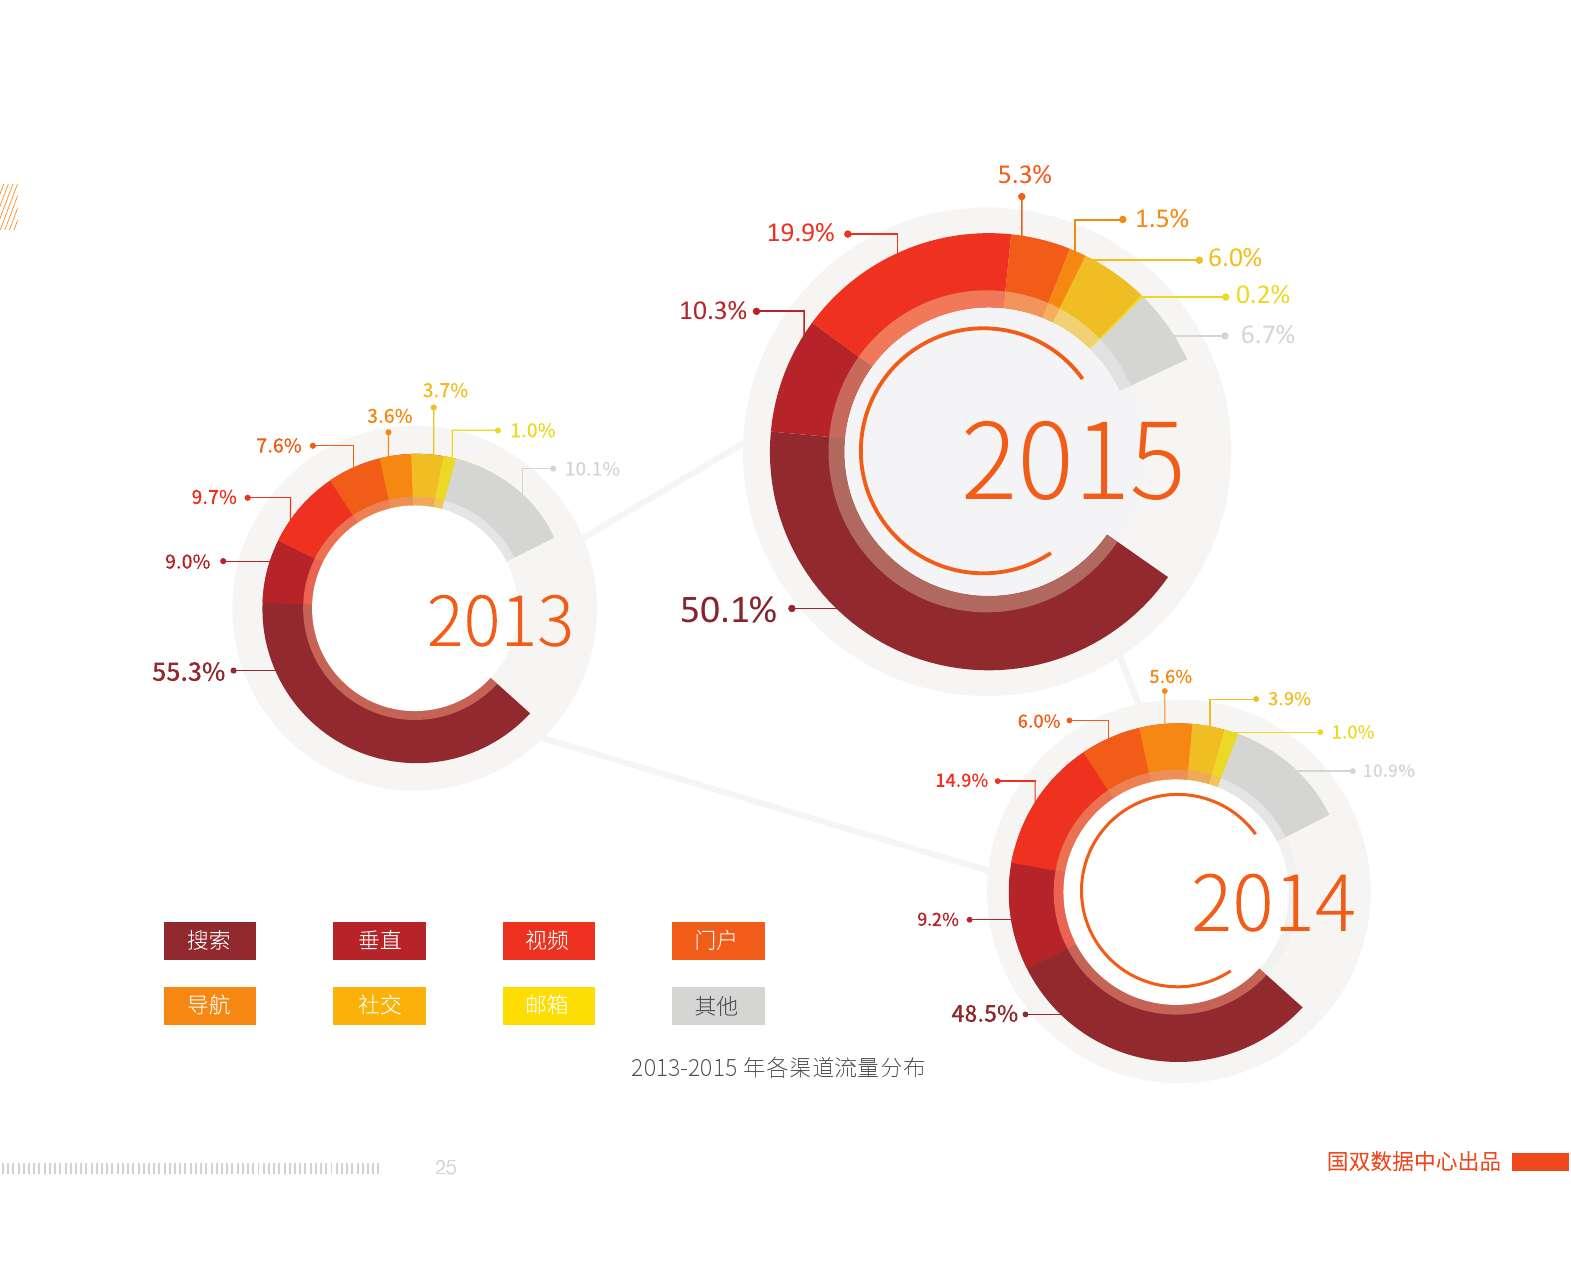 2015中国互联网发展报告_000027